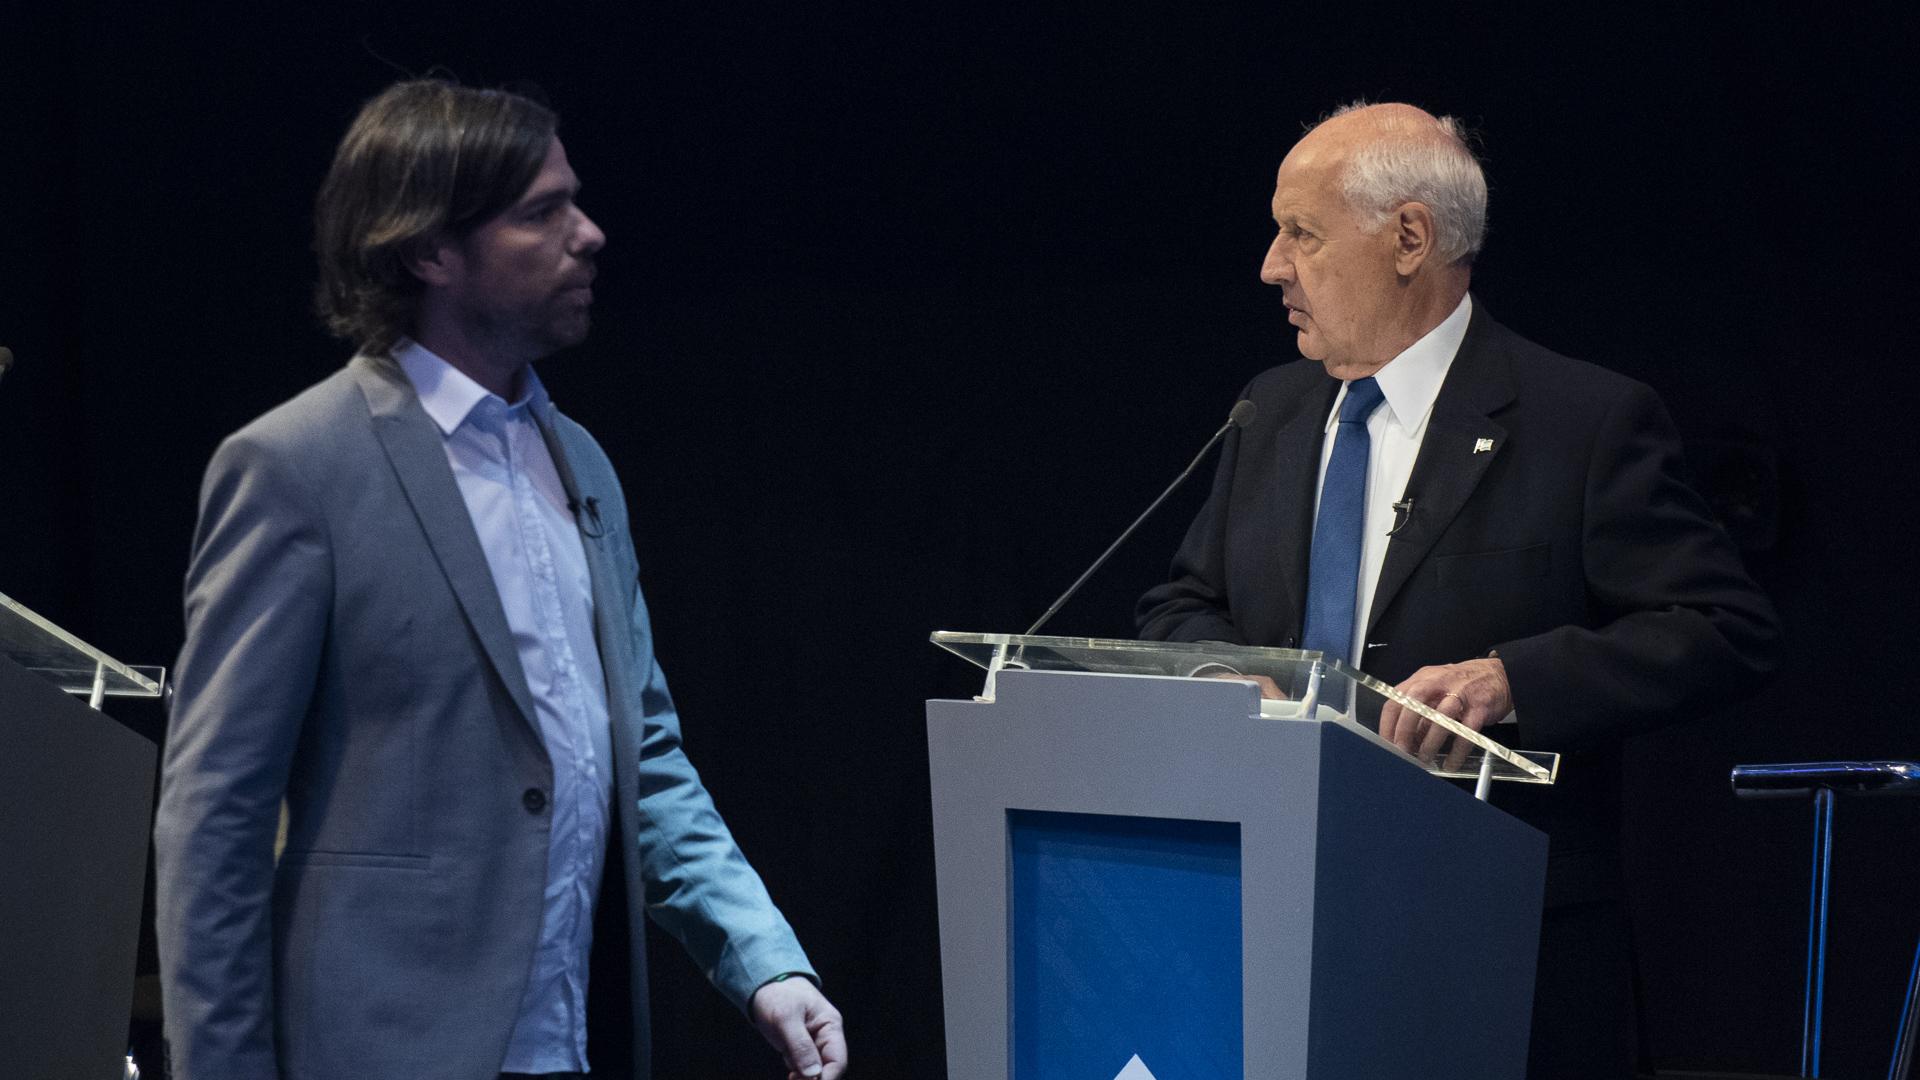 Nicolás del Caño y Roberto Lavagna durante el primer debate presidencial